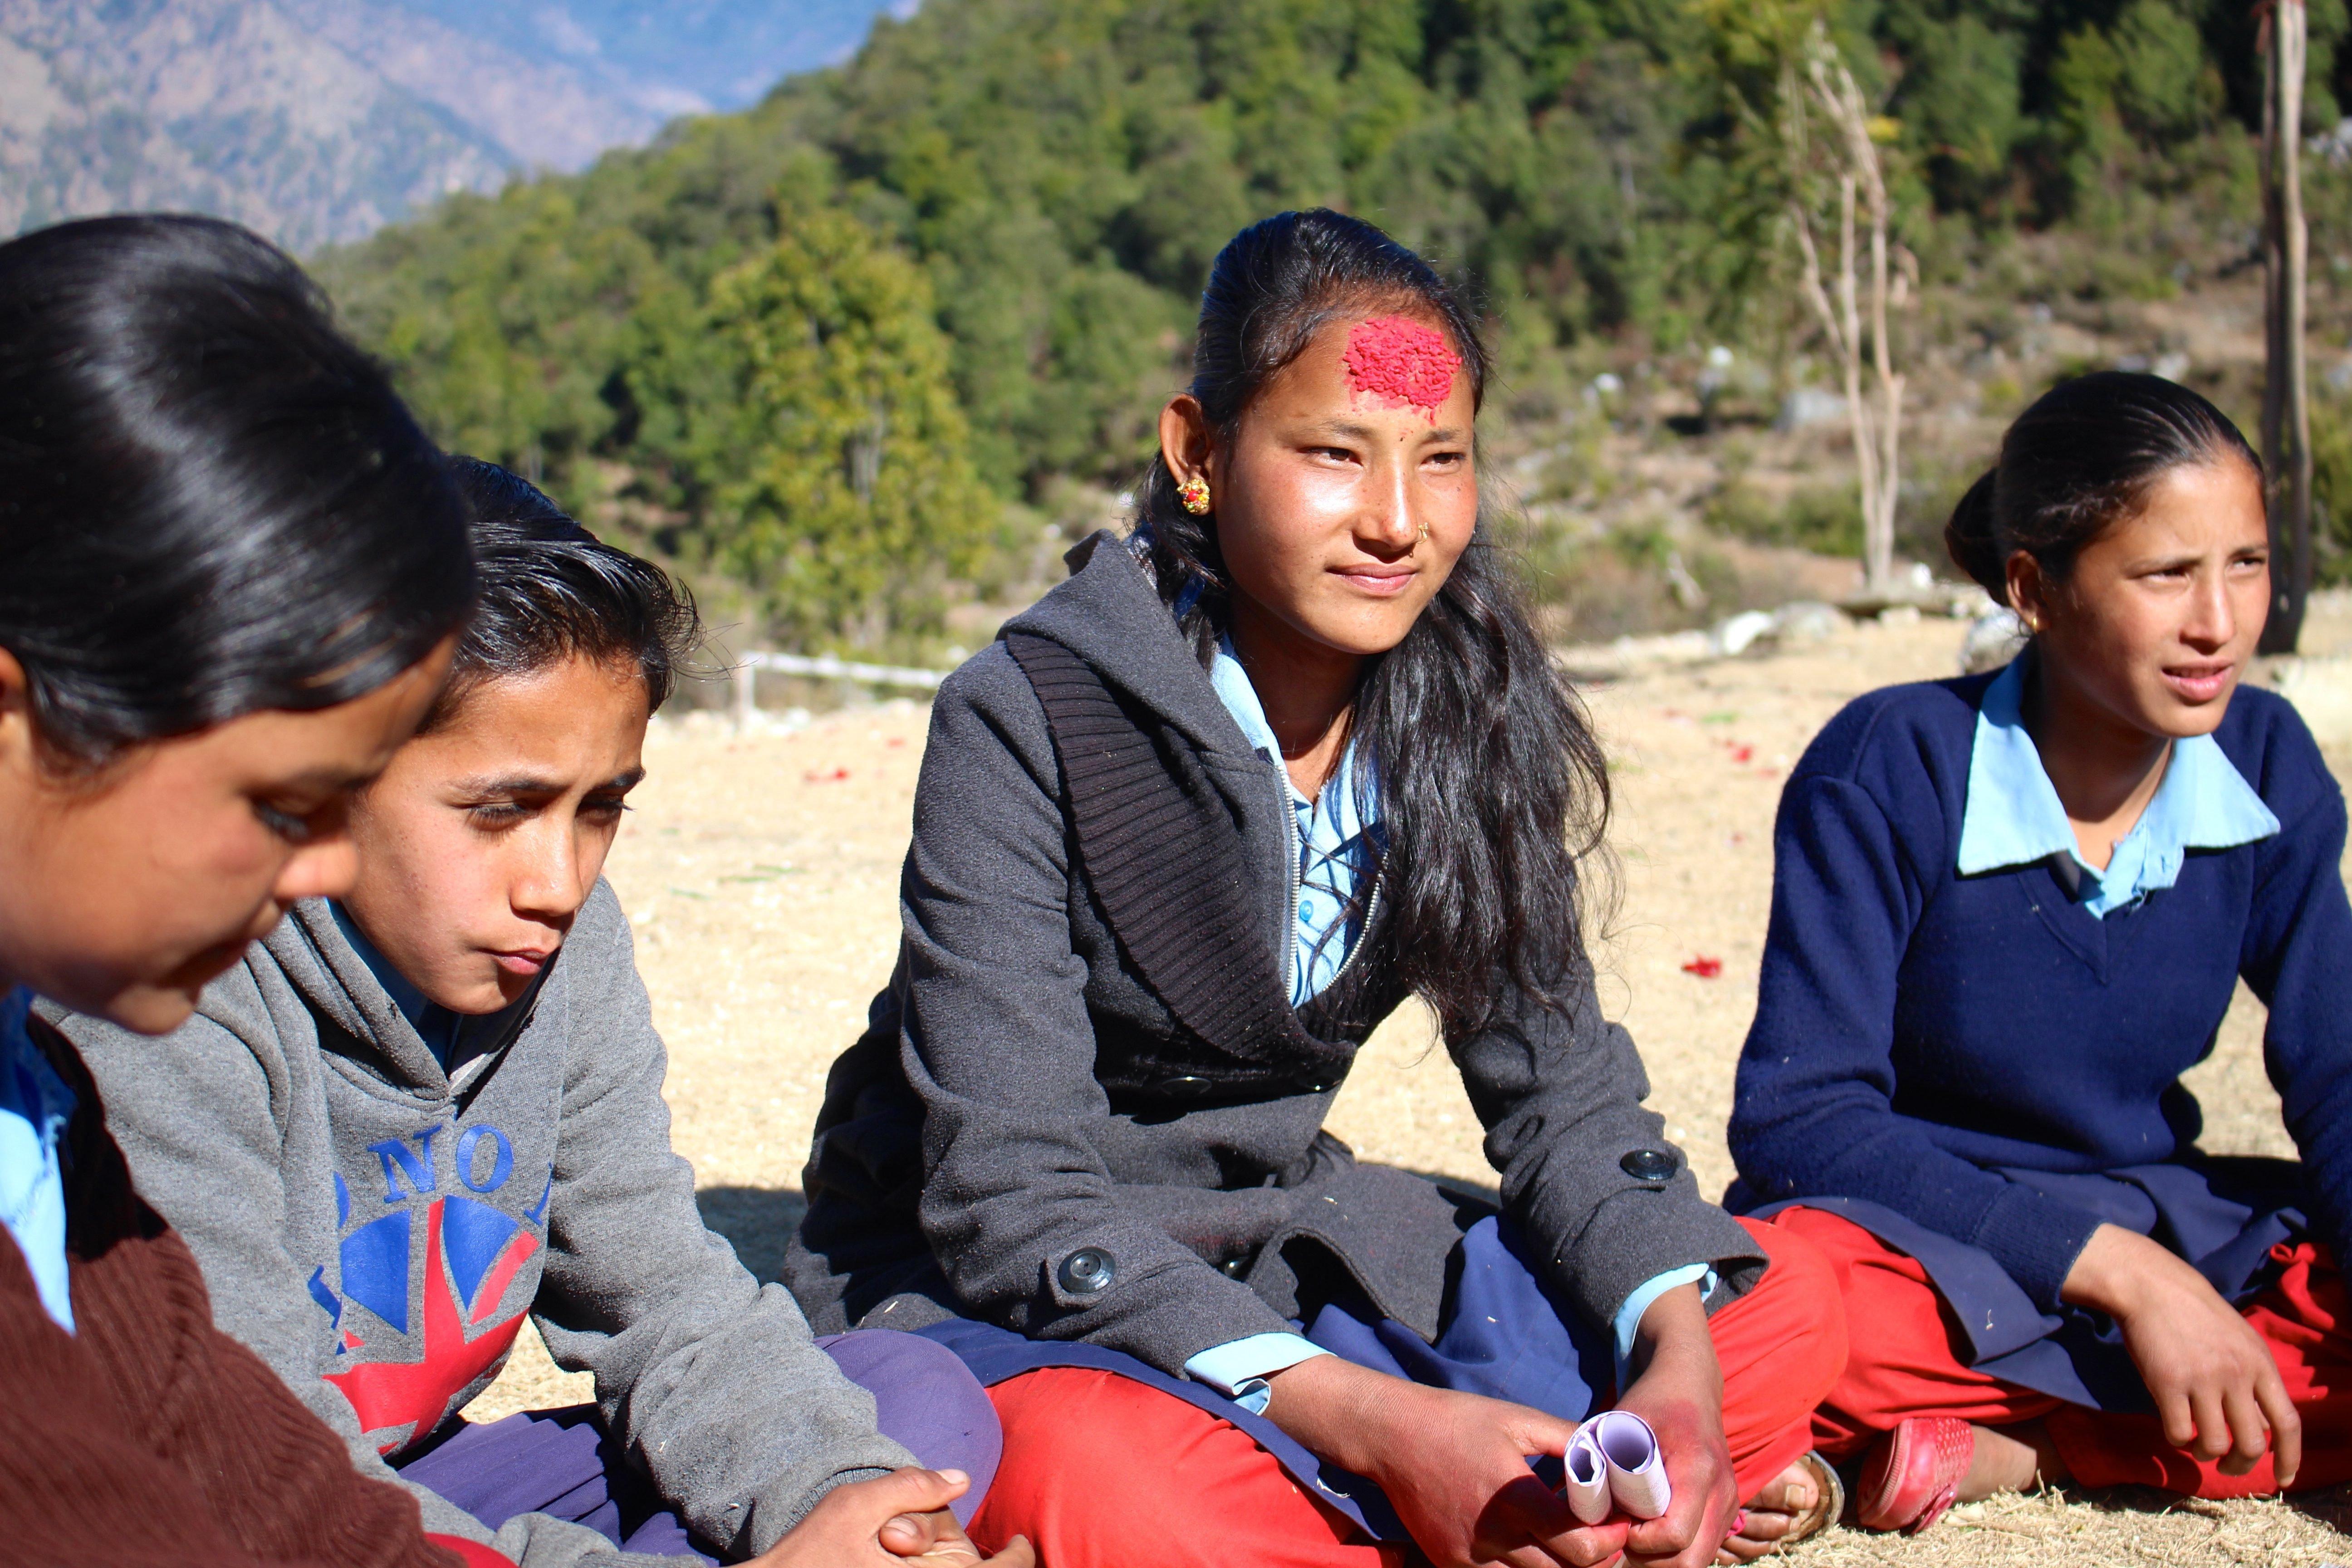 Matrimonio In Nepal : Las adolescentes de nepal dicen quot no al matrimonio infantil